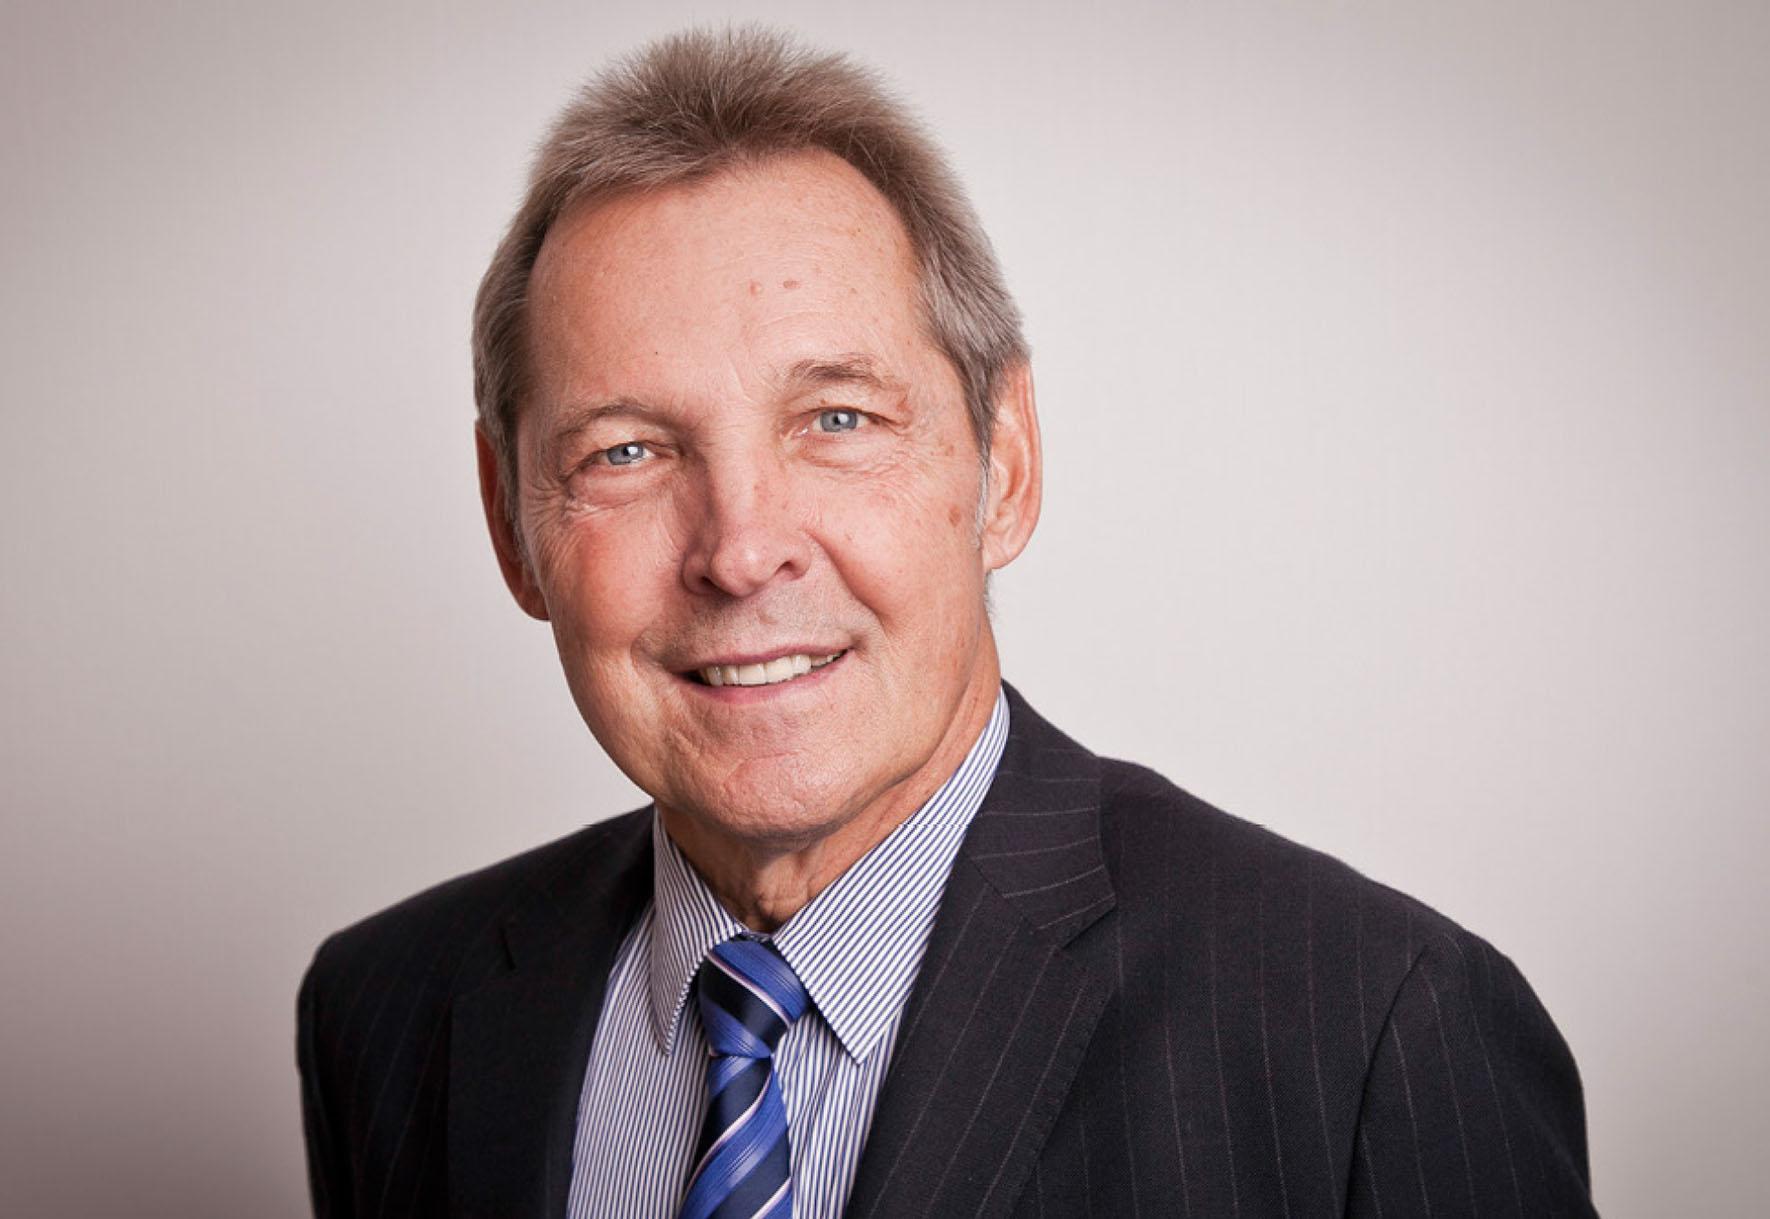 Klaus Fuhse